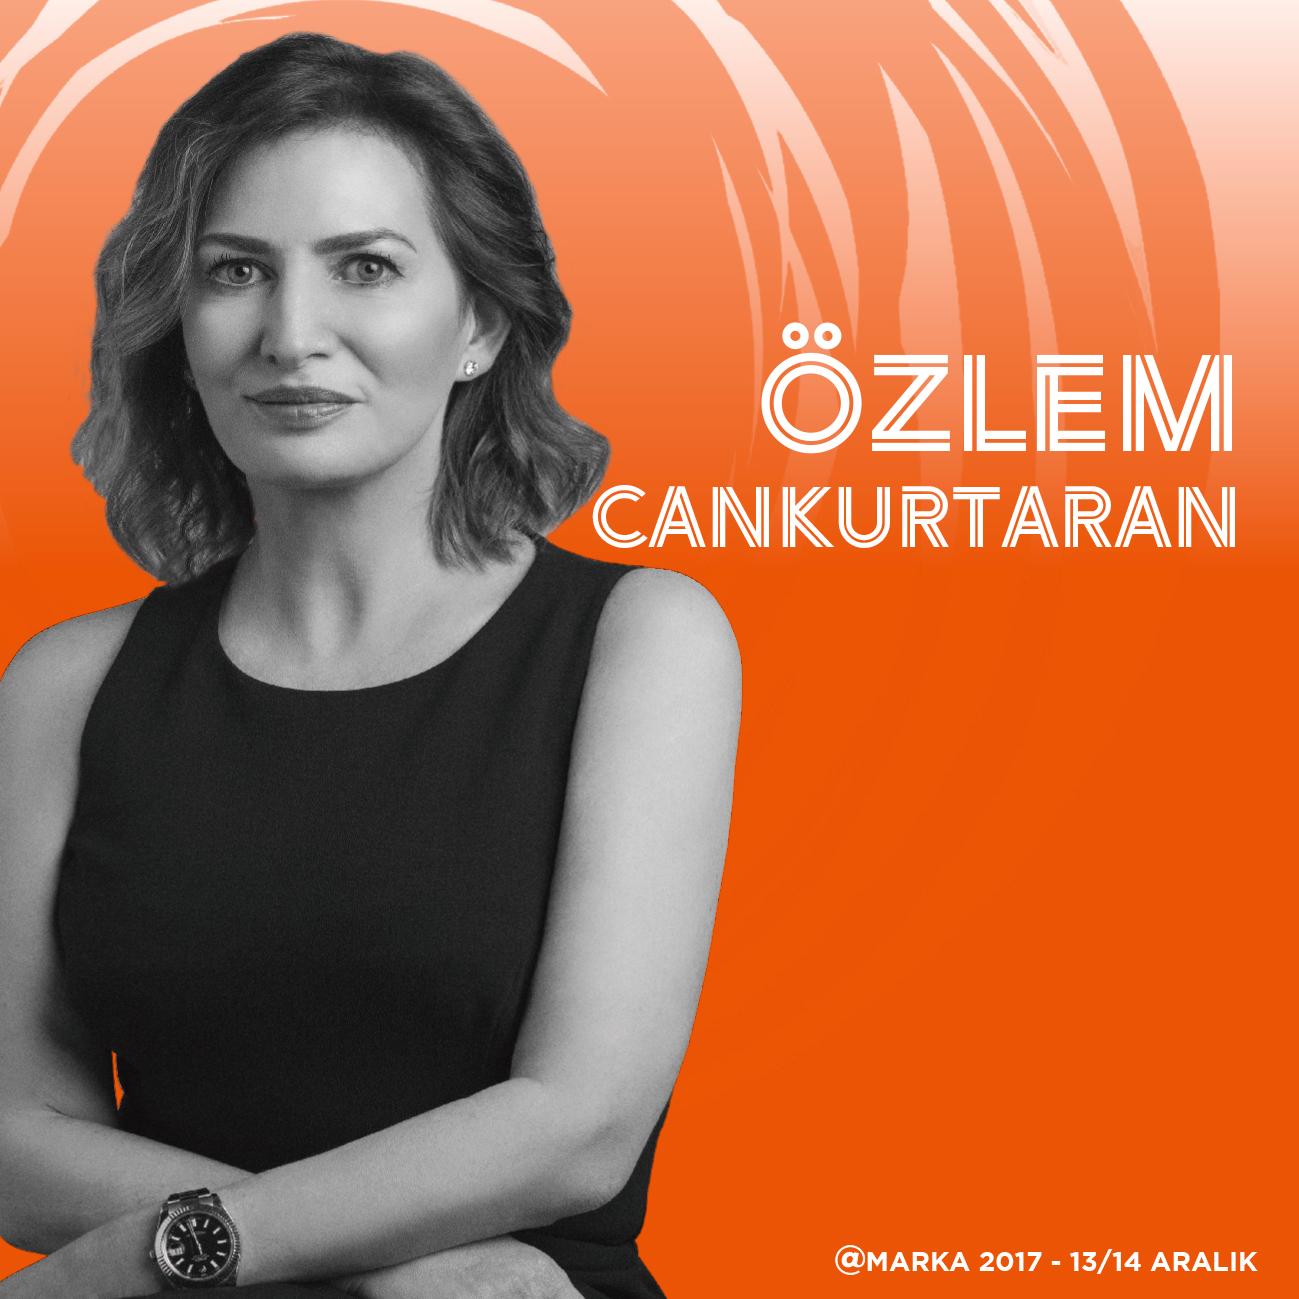 OZLEM CANKURTARAN